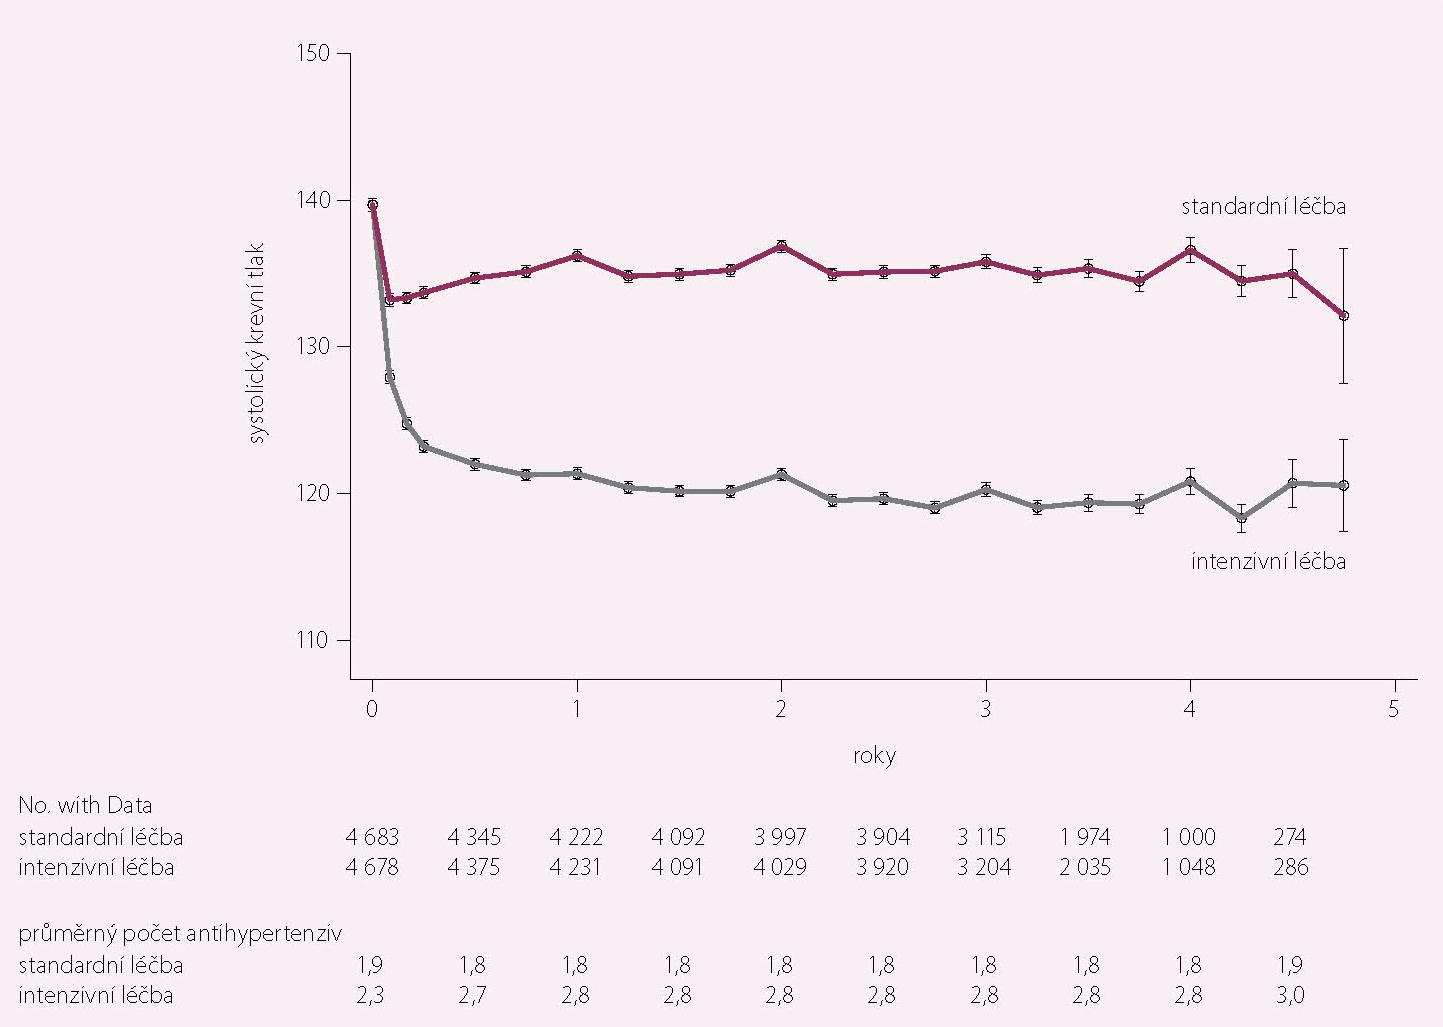 Hodnoty systolického krevního tlaku v intenzivně a standardně léčené větvi (12)